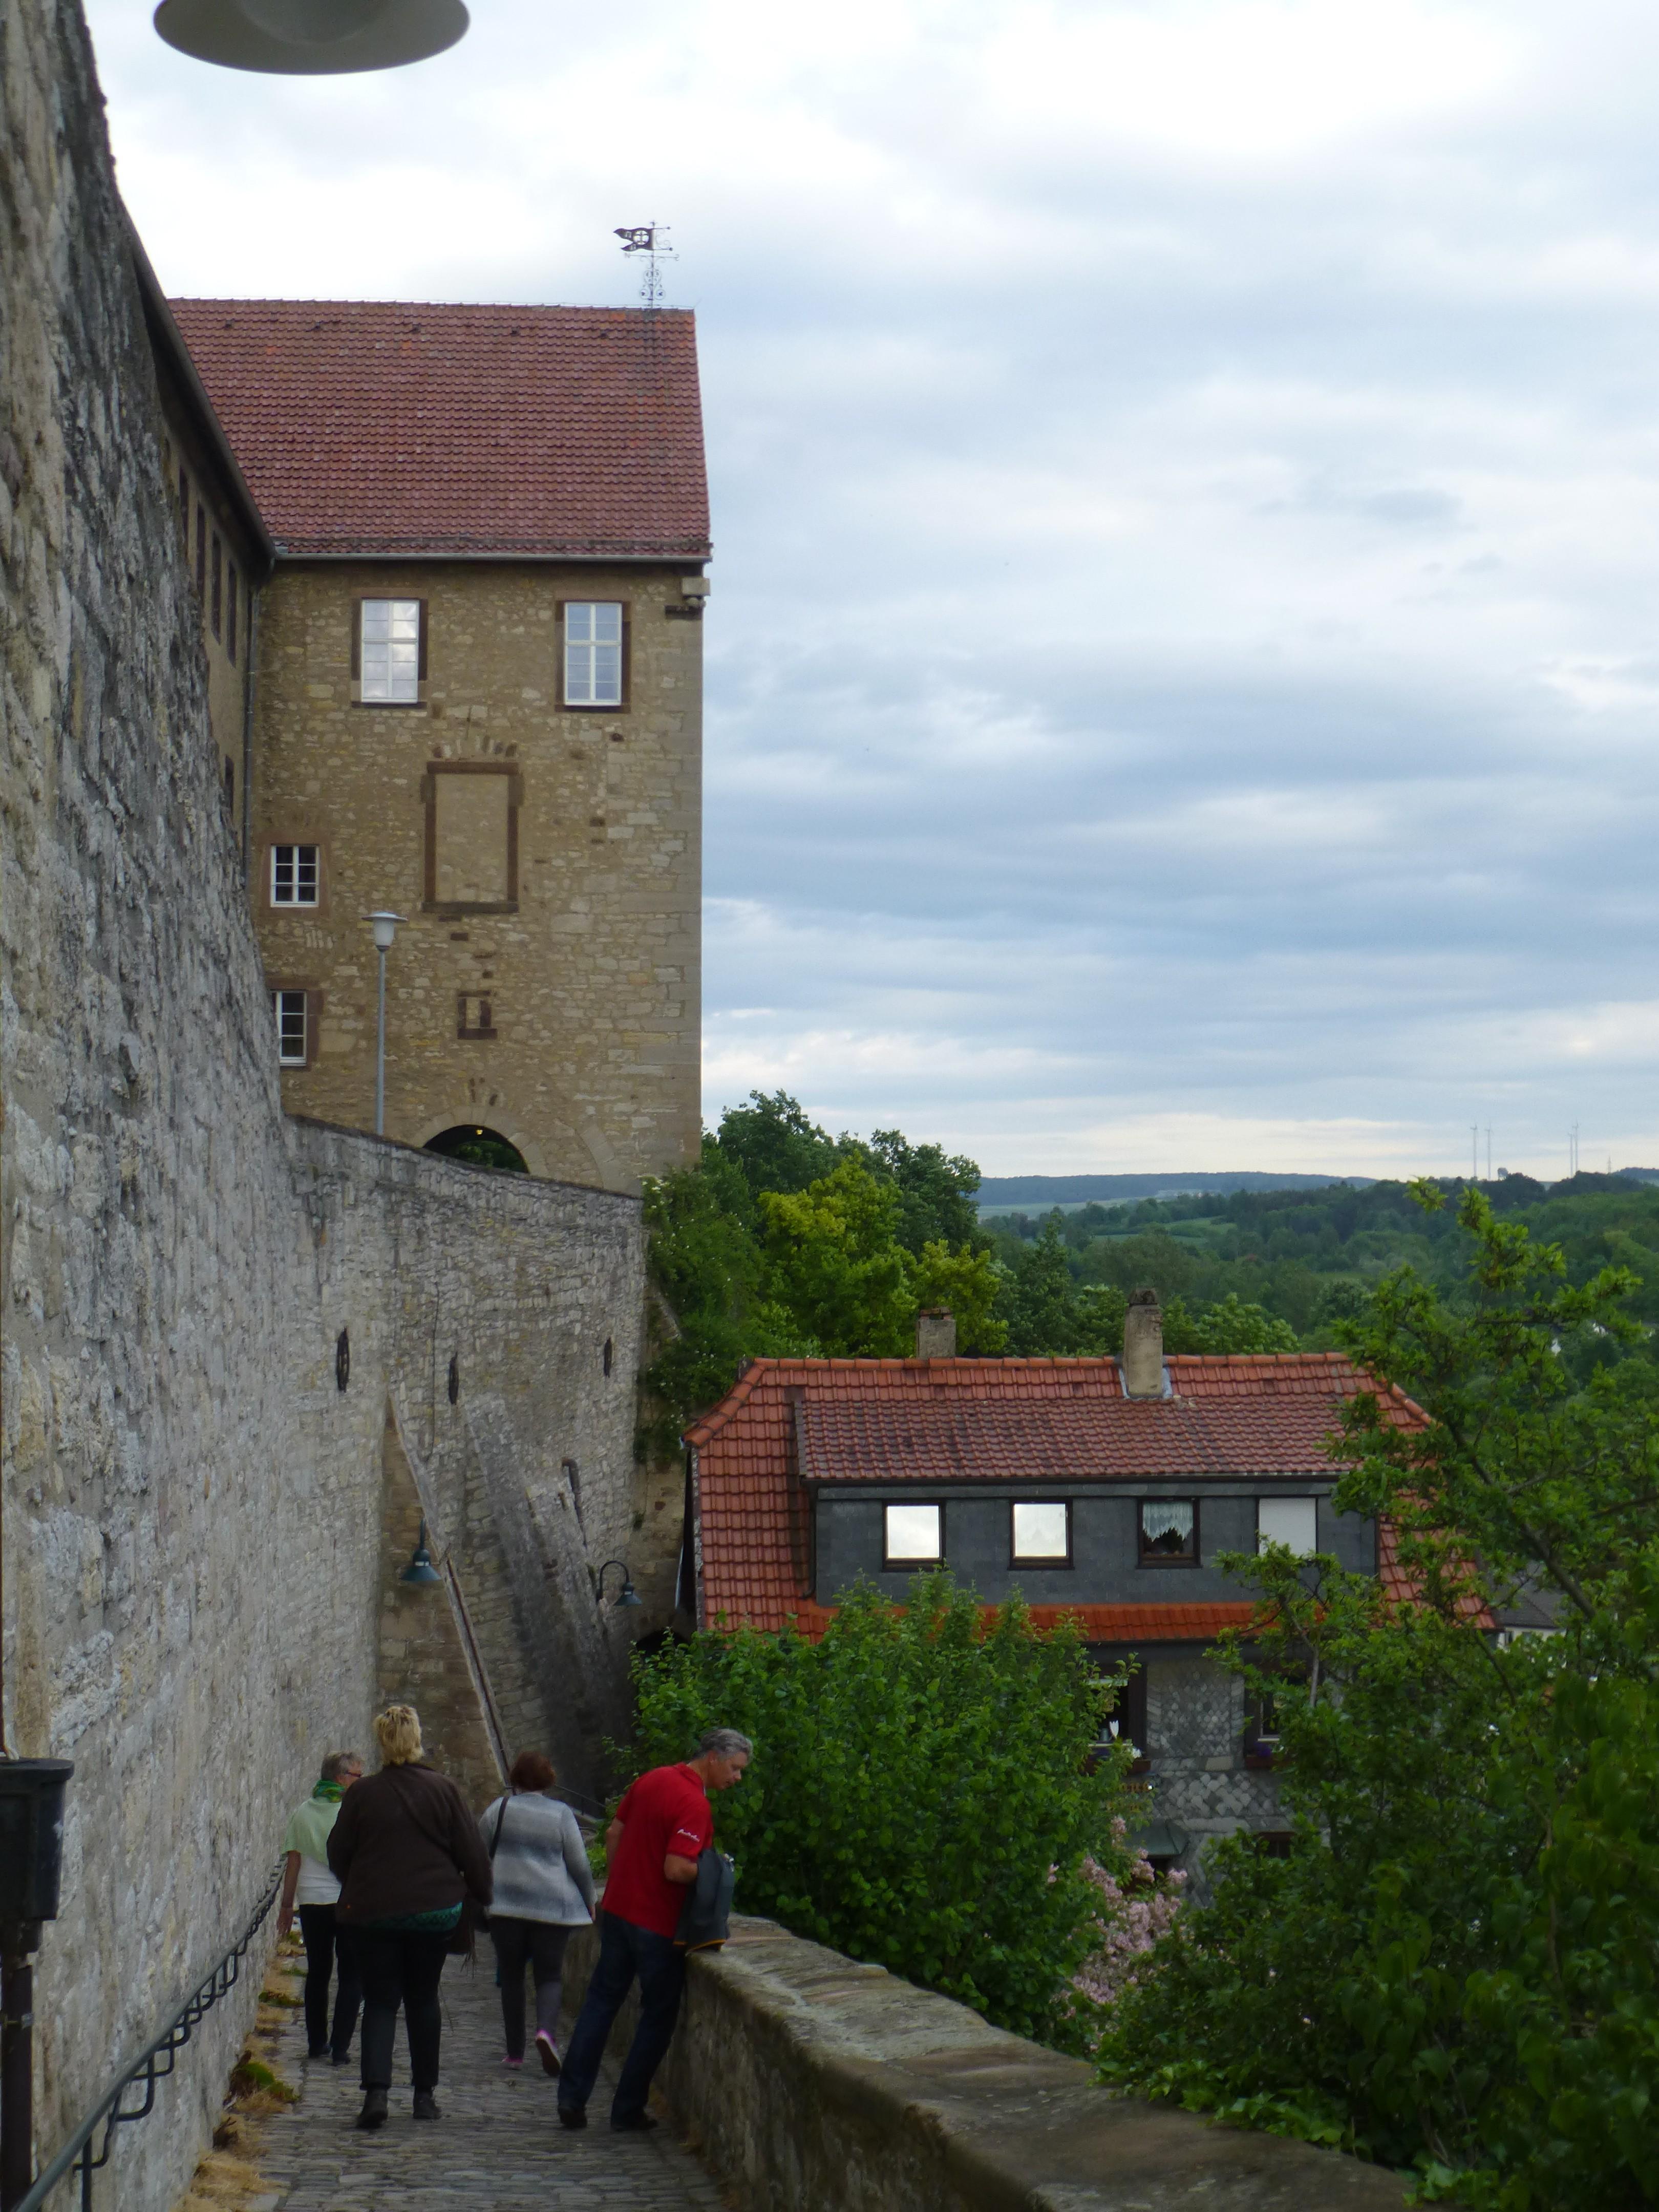 Wandelen door Warburg